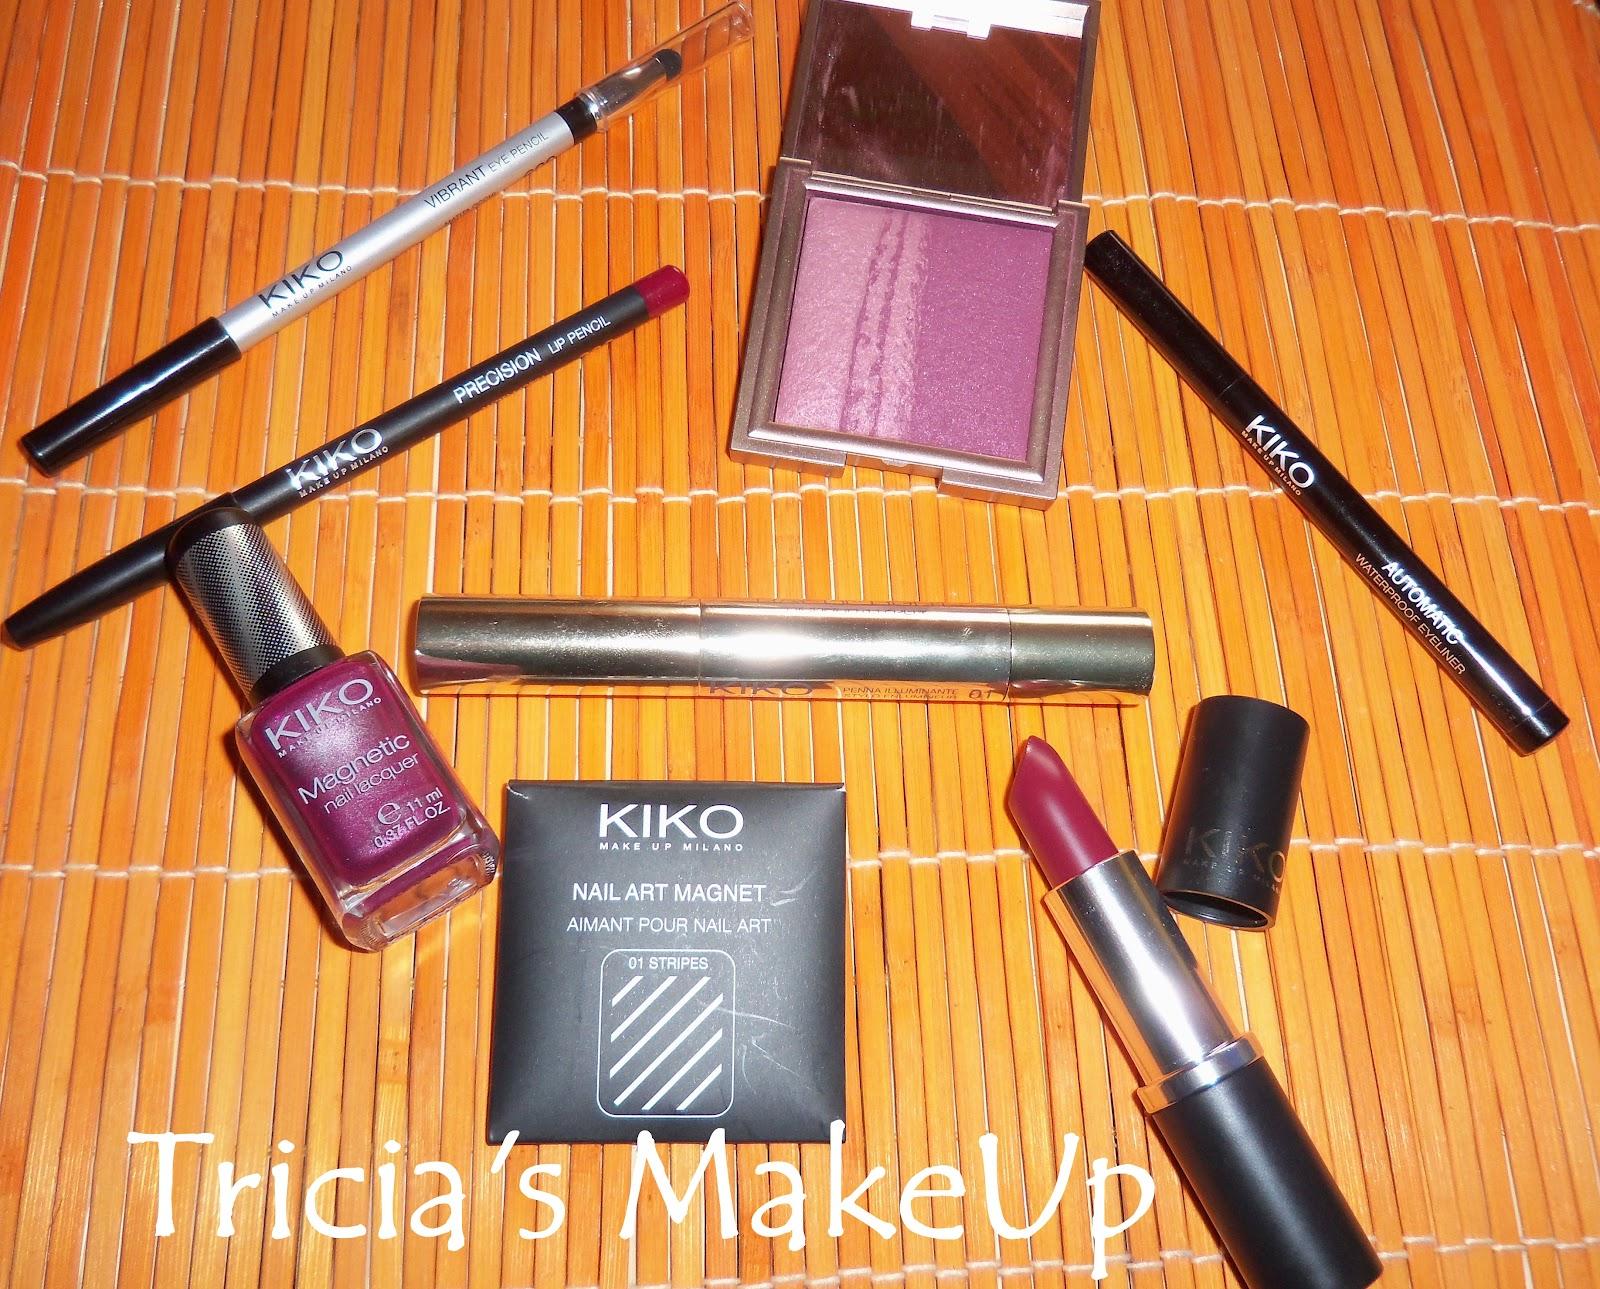 9190b02e0d4 Hoy os traigo un post con las últimas compras que hice en KIKO. Primero os  las enseñaré mediante fotos y al final os pondré el vídeo en el que hablo  de ...